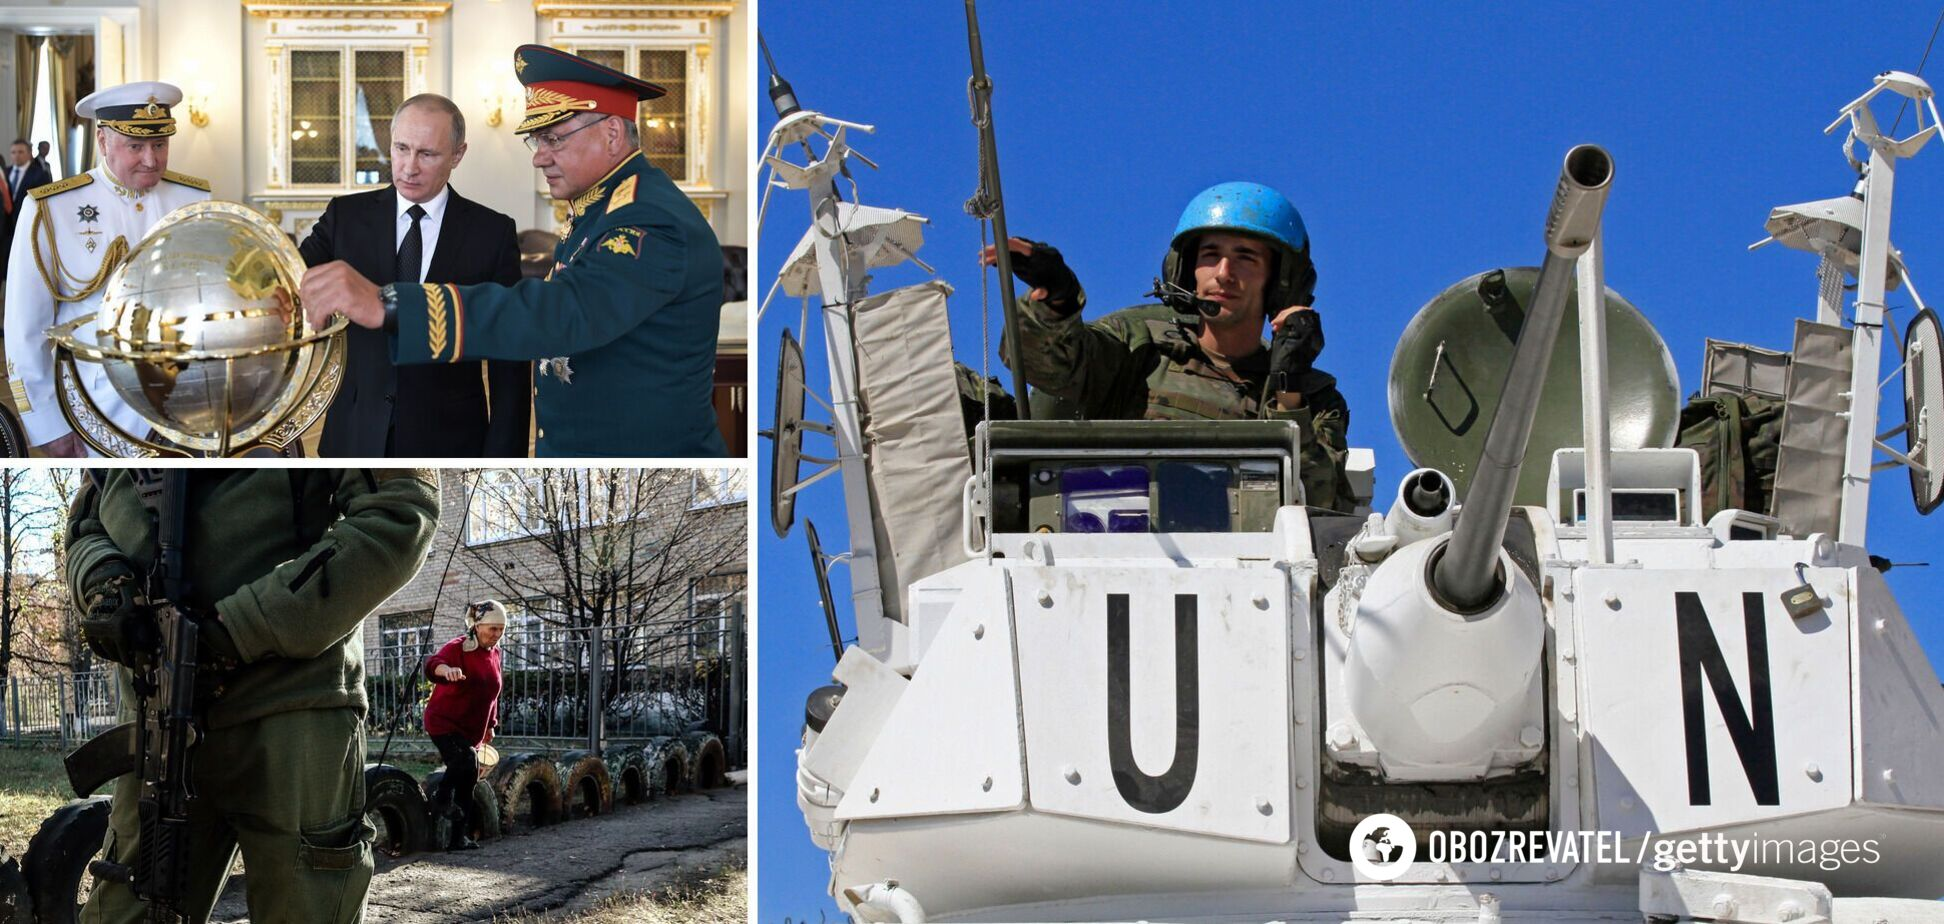 Кремль готов на одностороннее введение своих 'миротворцев' на Донбасс, – Арестович